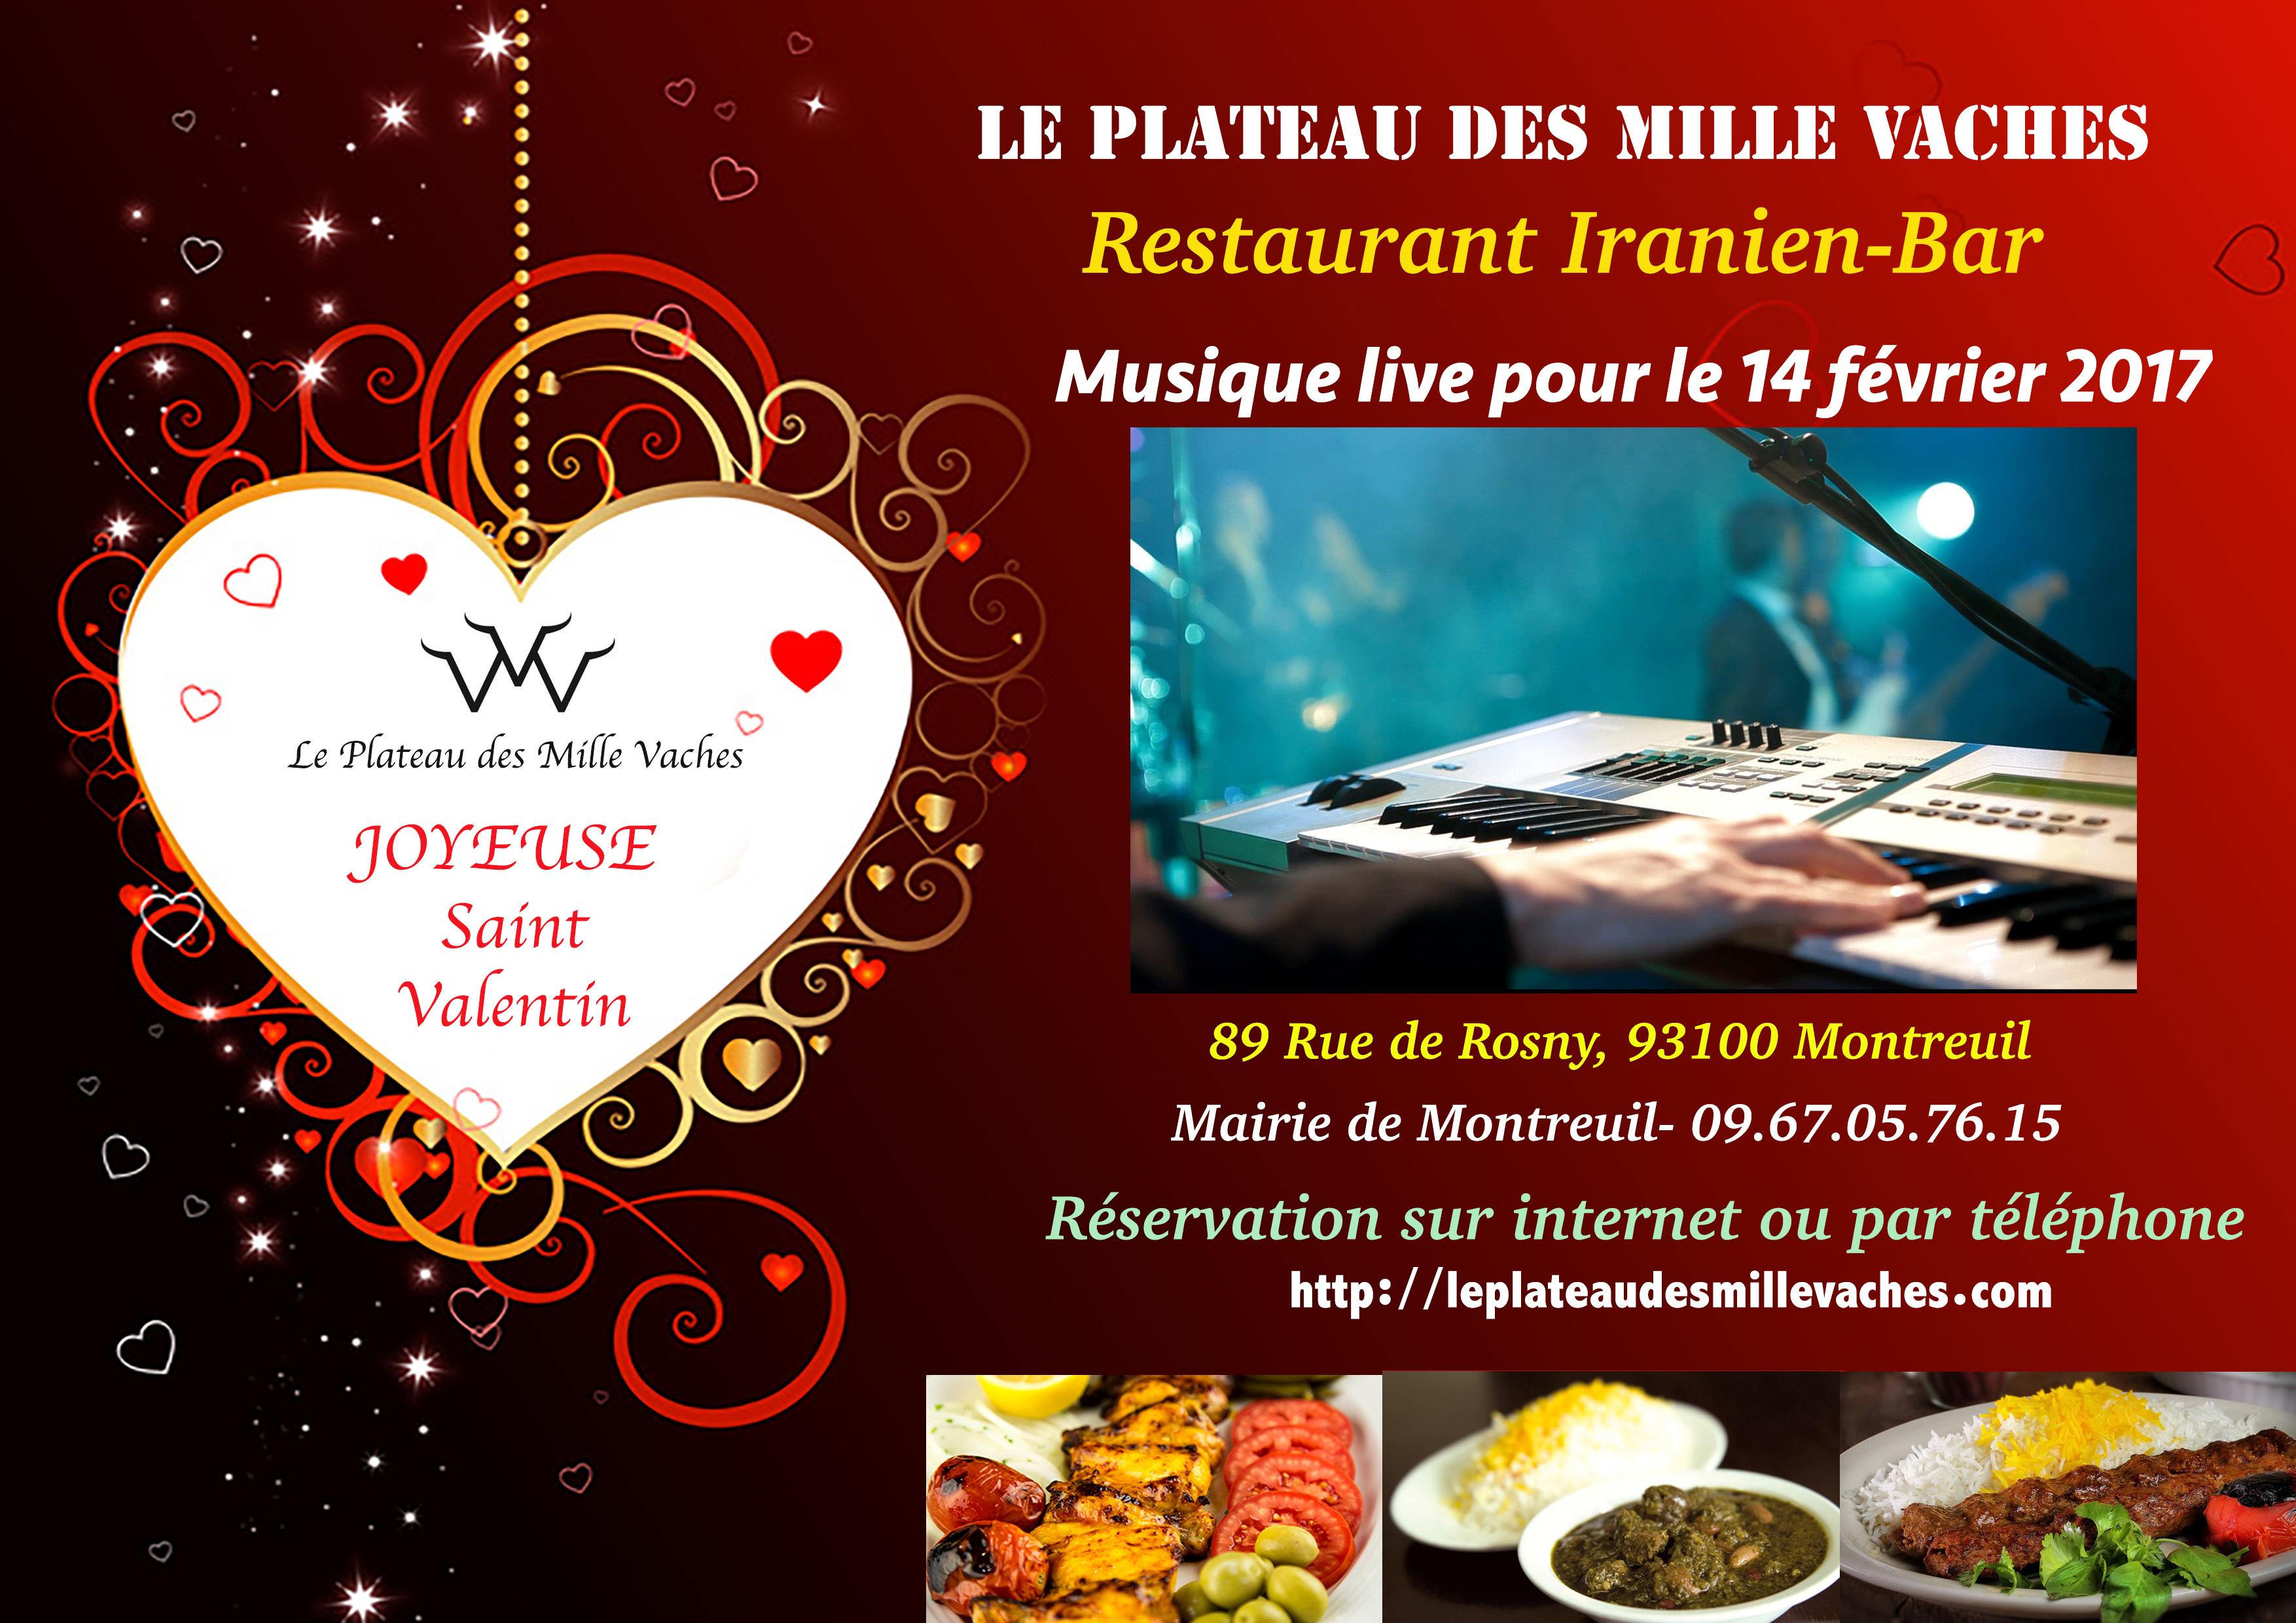 """پناهندگی در فرانسه 2017 ولنتاین در رستوران ایرانی """"پلاتو میلوش"""" با موسیقی زنده ..."""